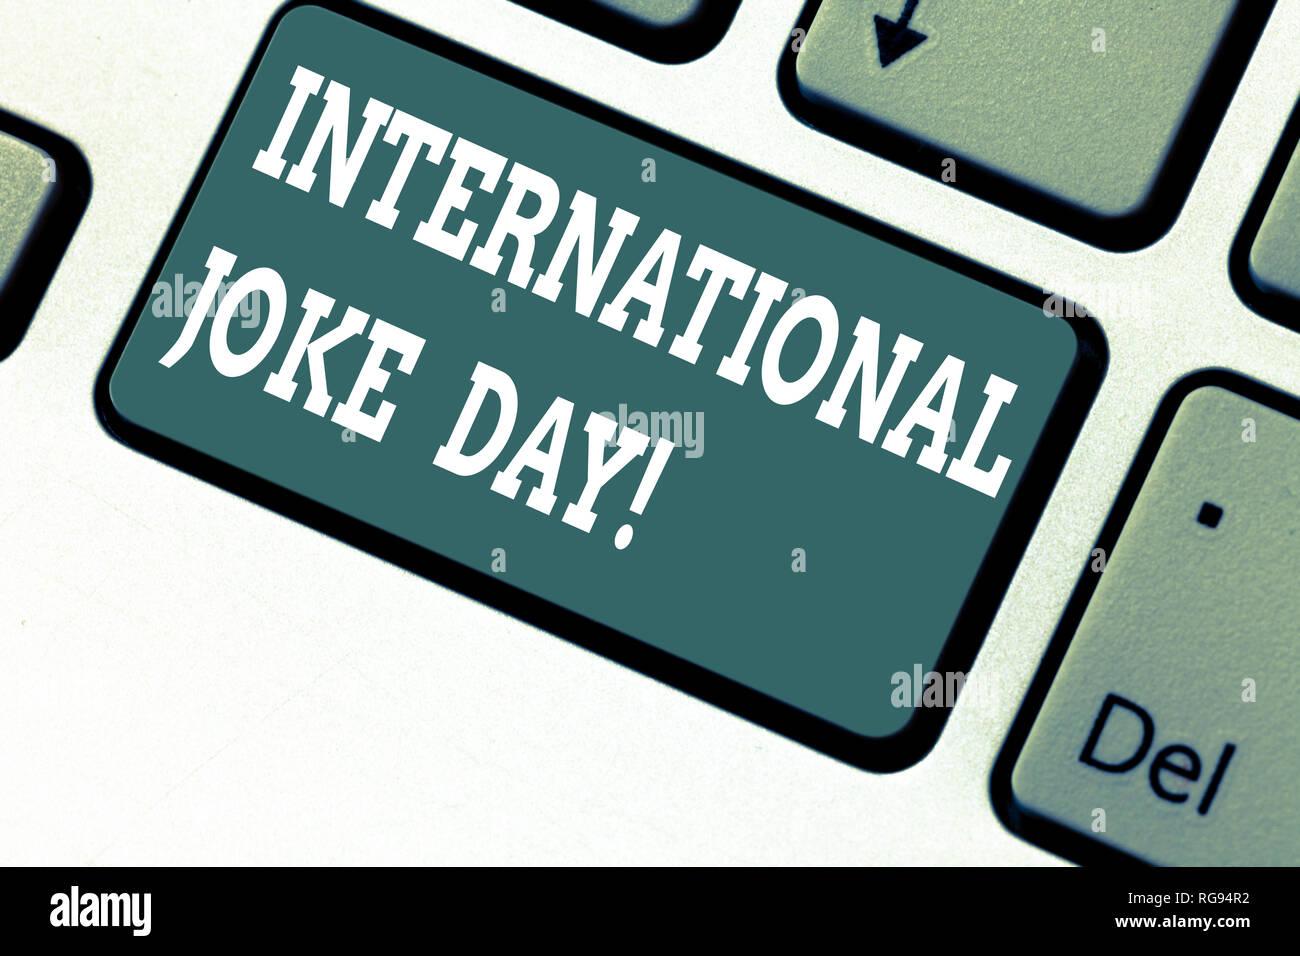 Escribir nota mostrando broma del día internacional. Foto de negocios lucimiento de vacaciones para celebrar el beneficio de buen humor tecla intención crear Imagen De Stock